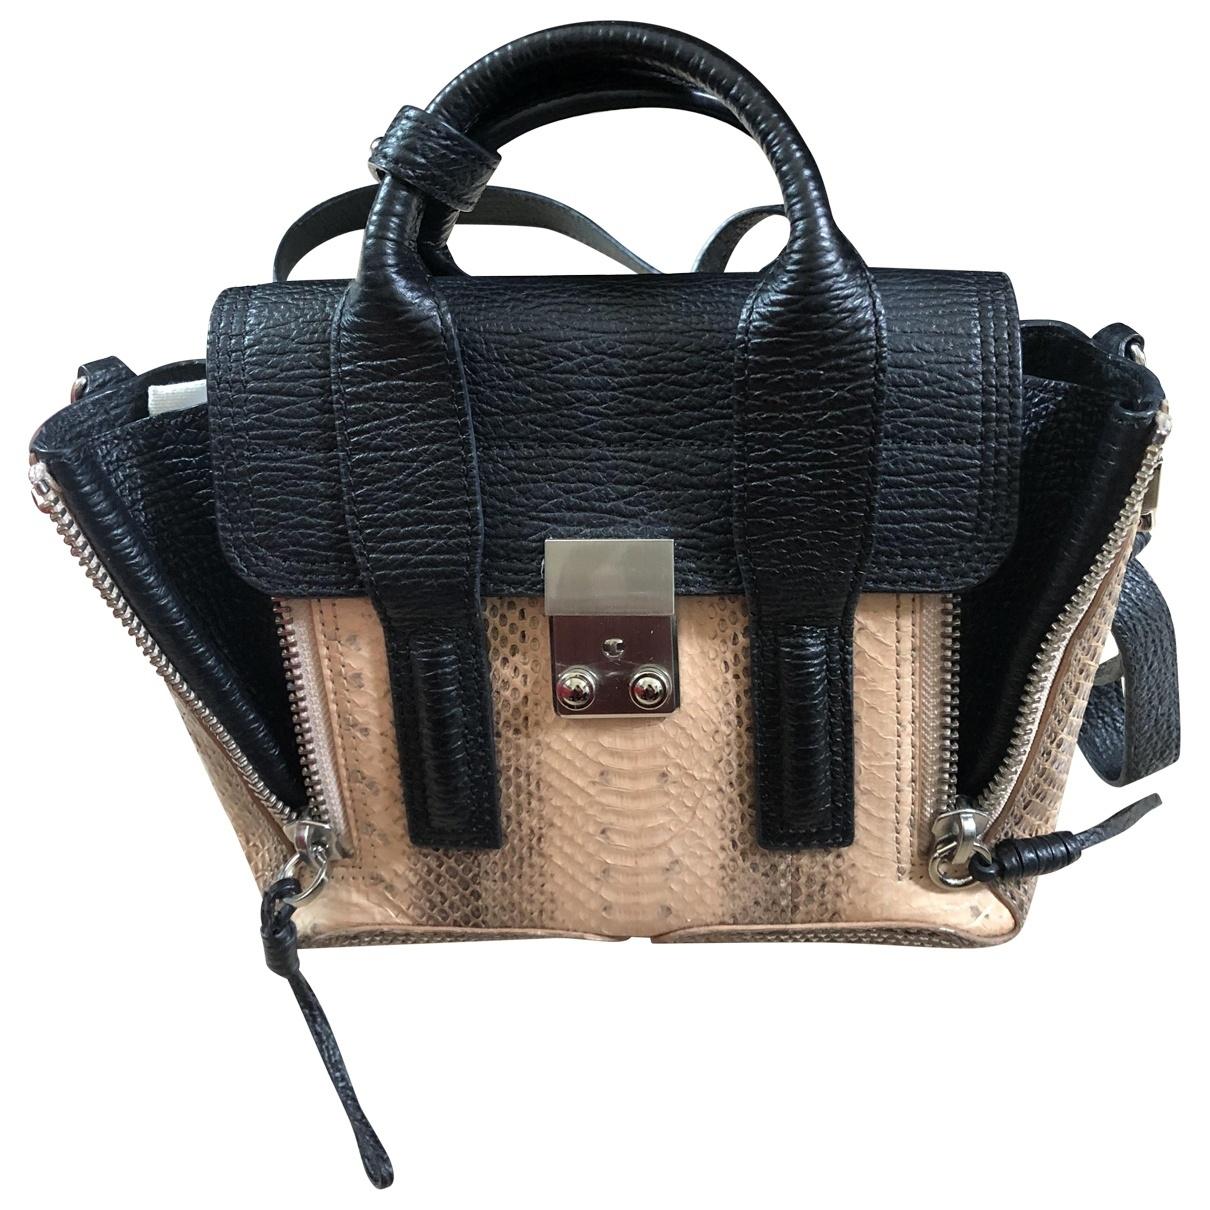 3.1 Phillip Lim Pashli Handtasche in  Schwarz Exotenleder